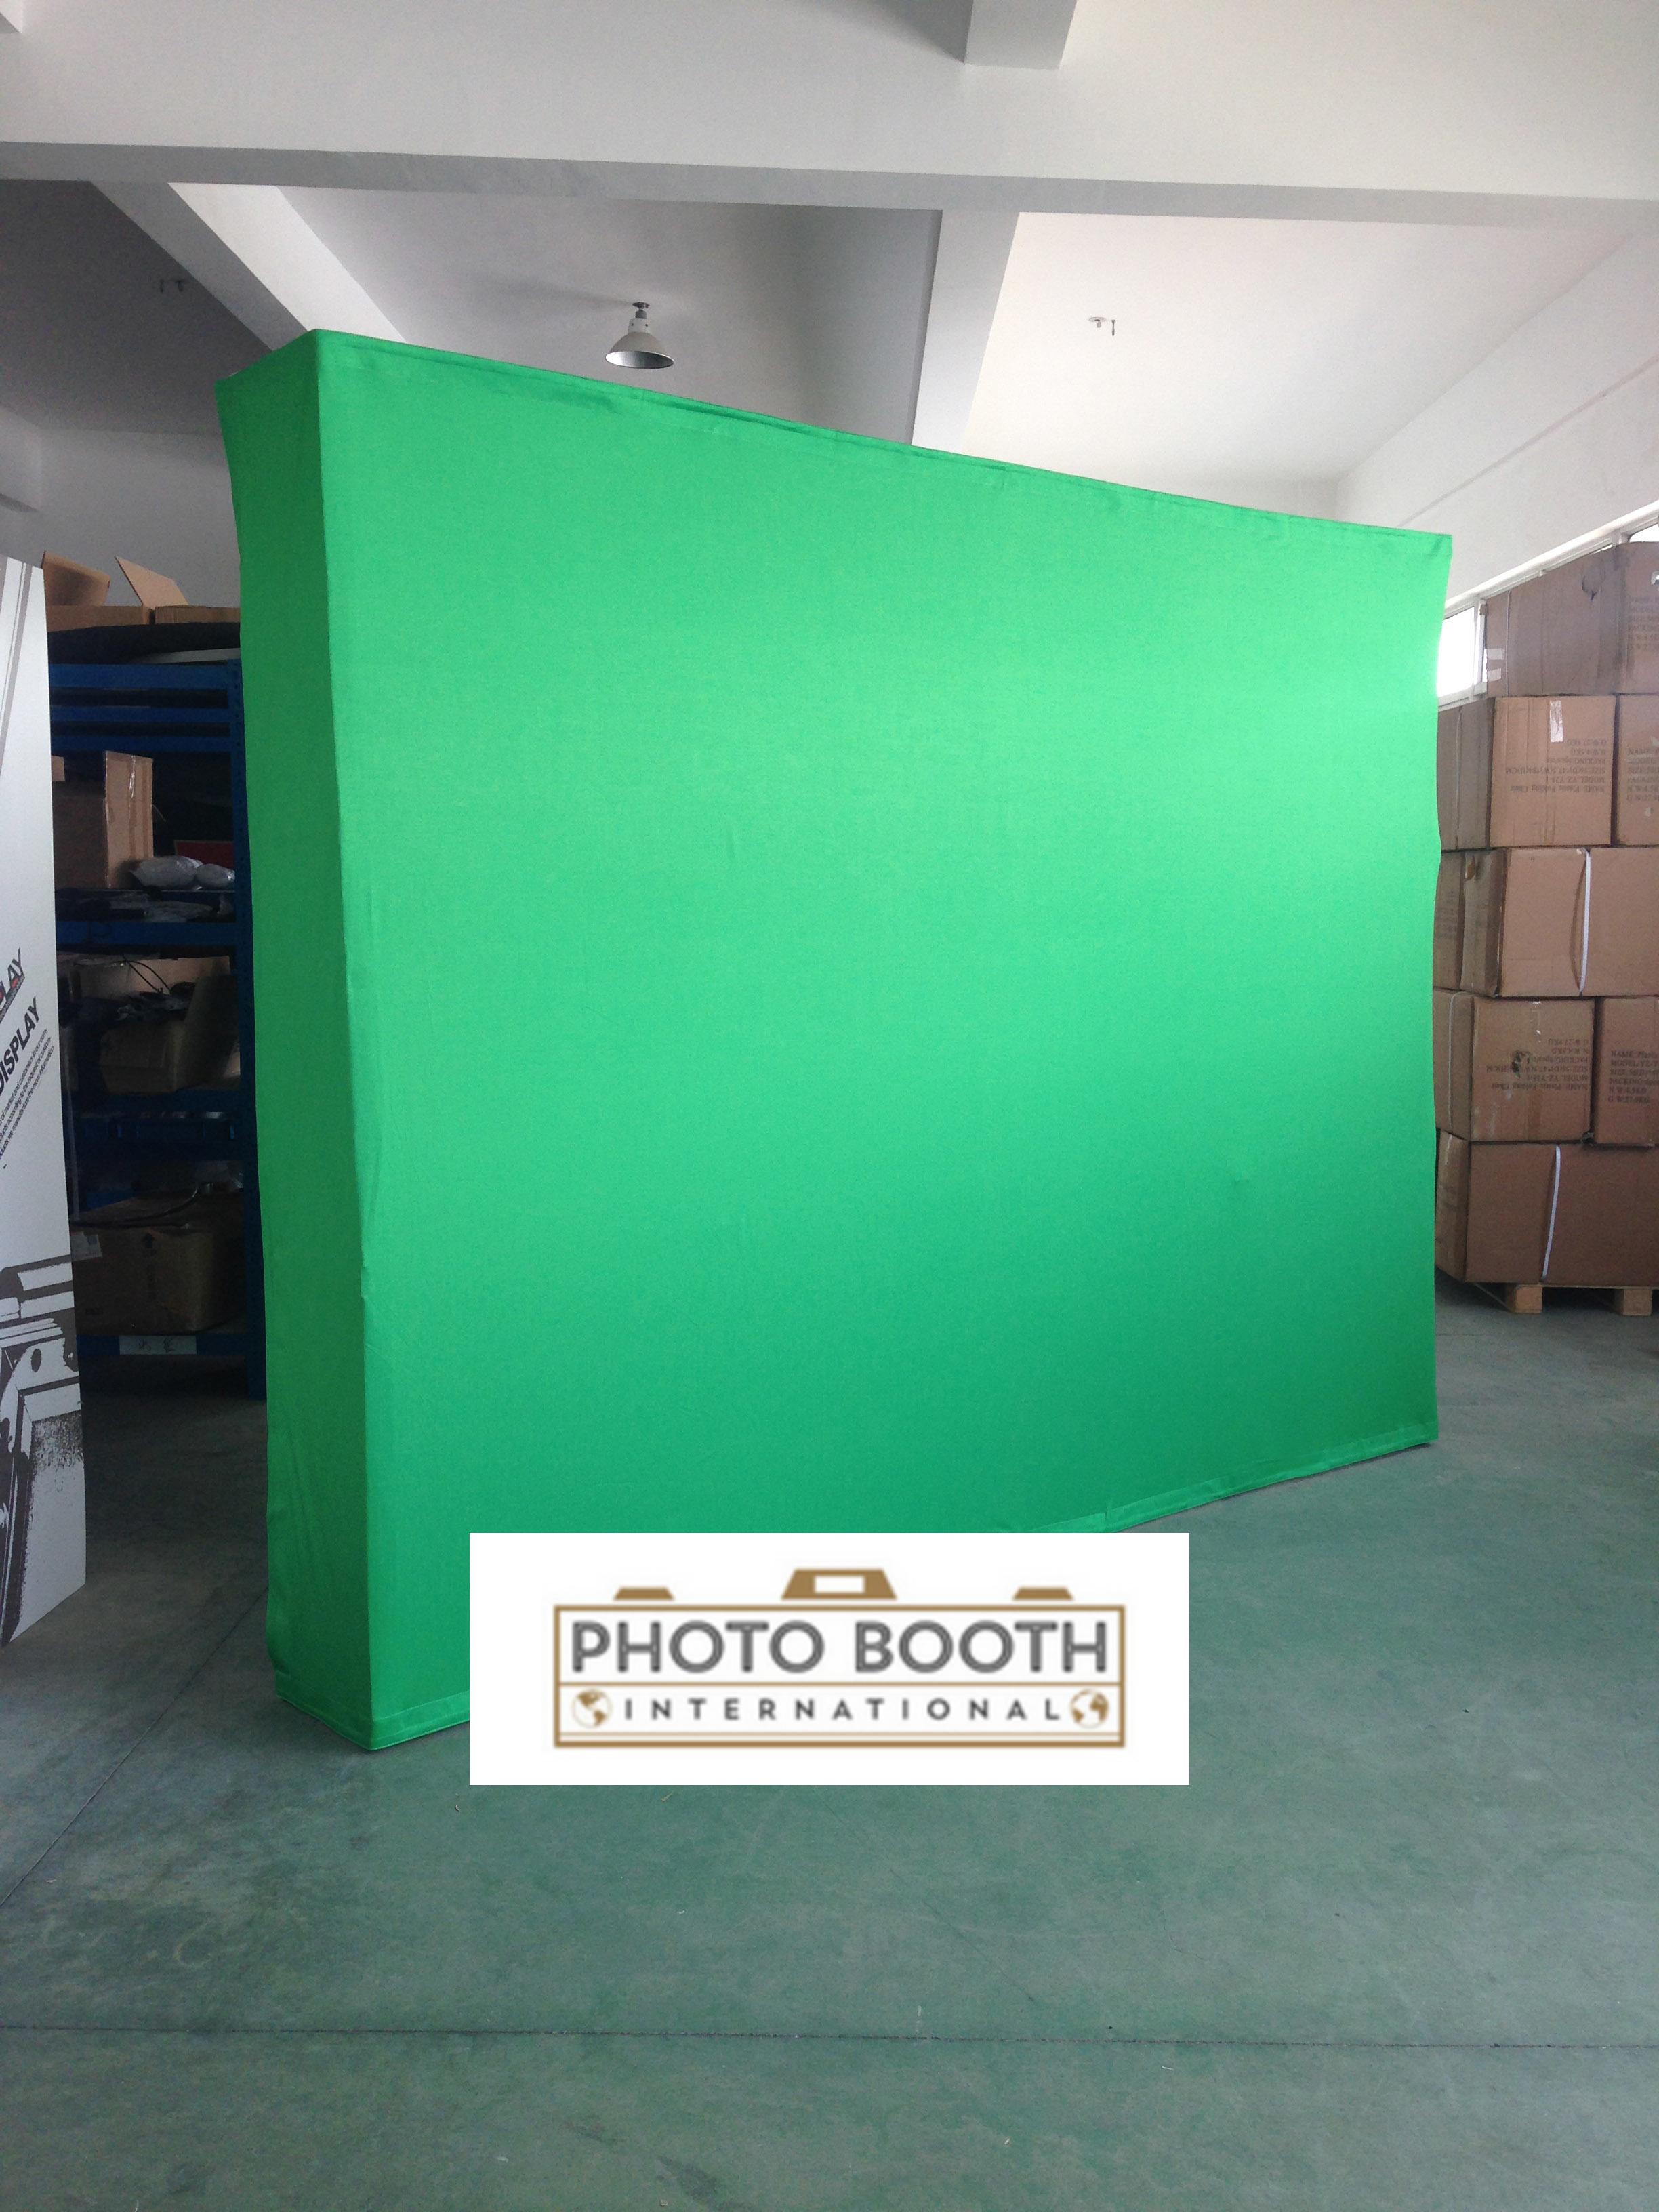 Pop Out Screen : Pop up green screen photo booth international